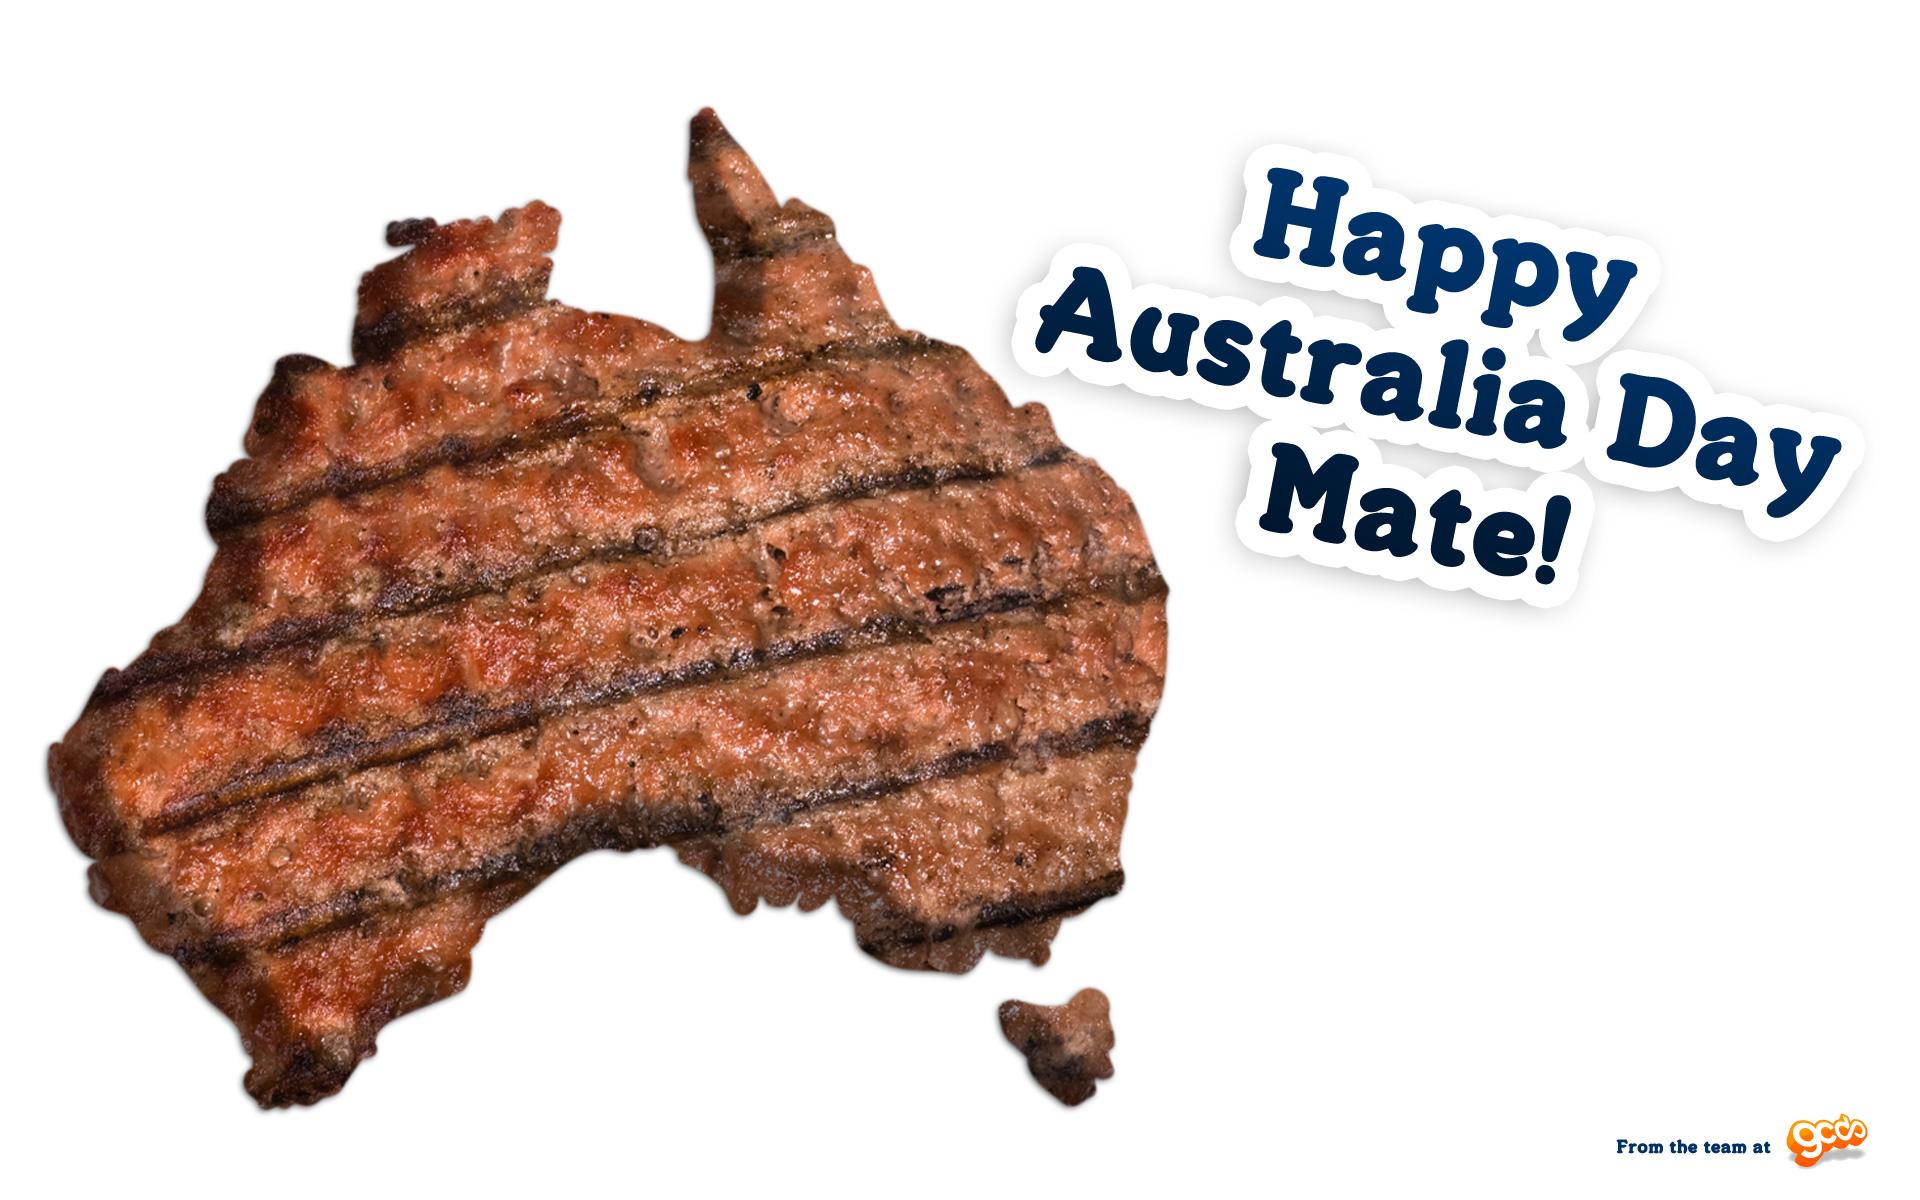 Australia Day: Australia Day